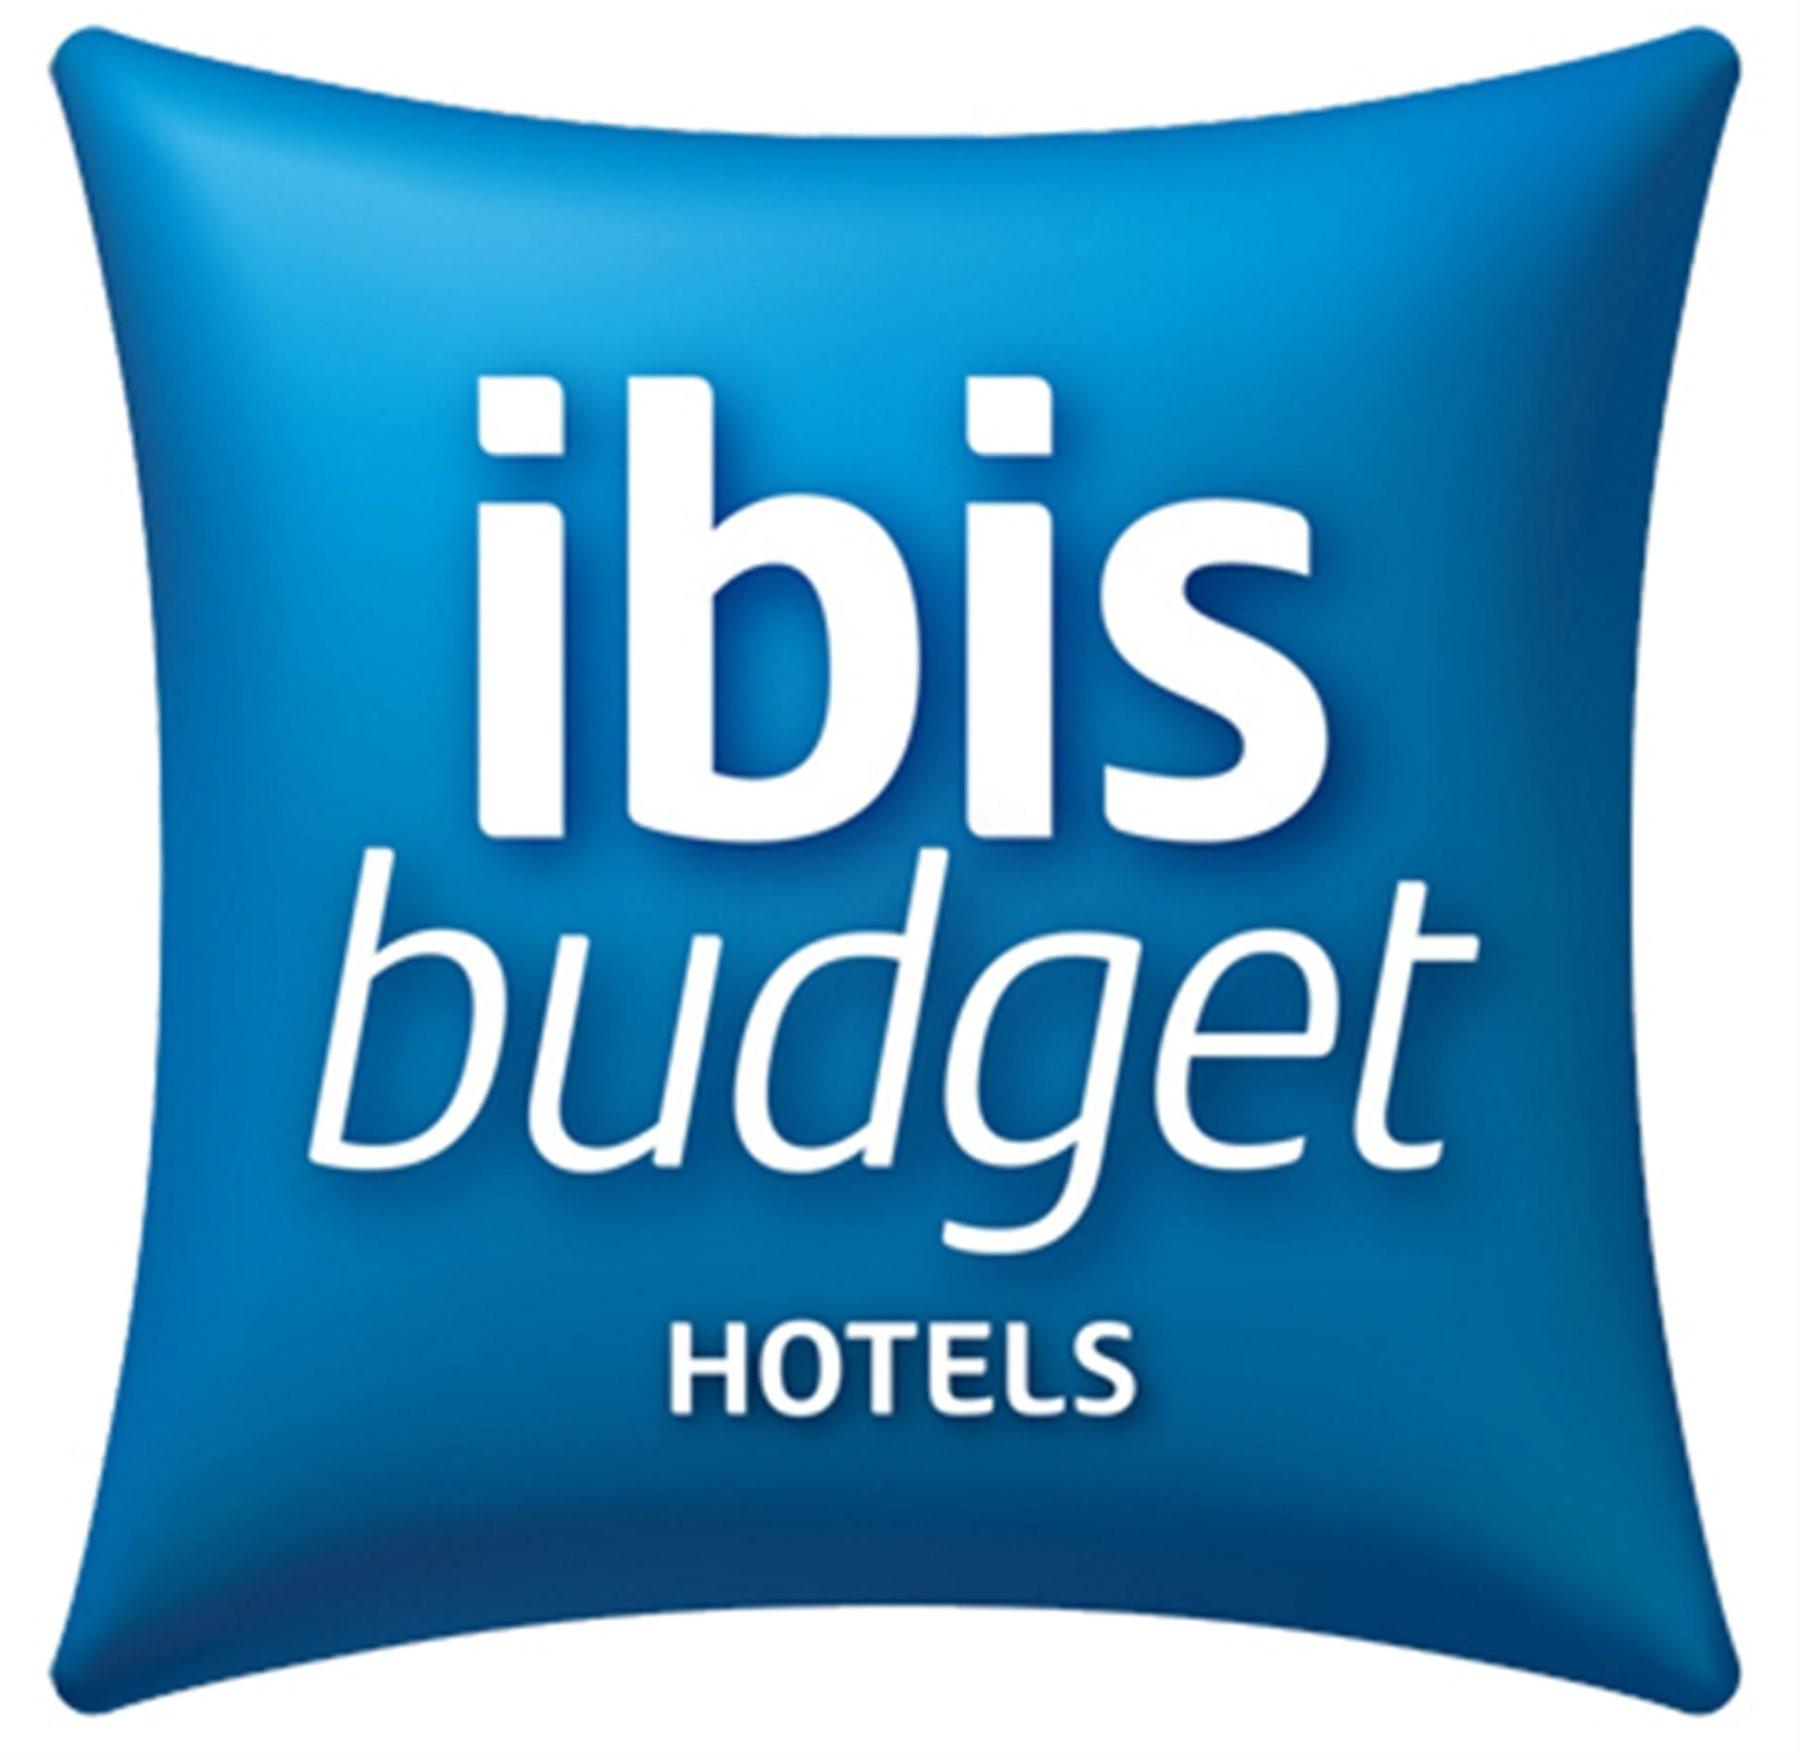 Réserver un hôtel Ibis Budget en groupe